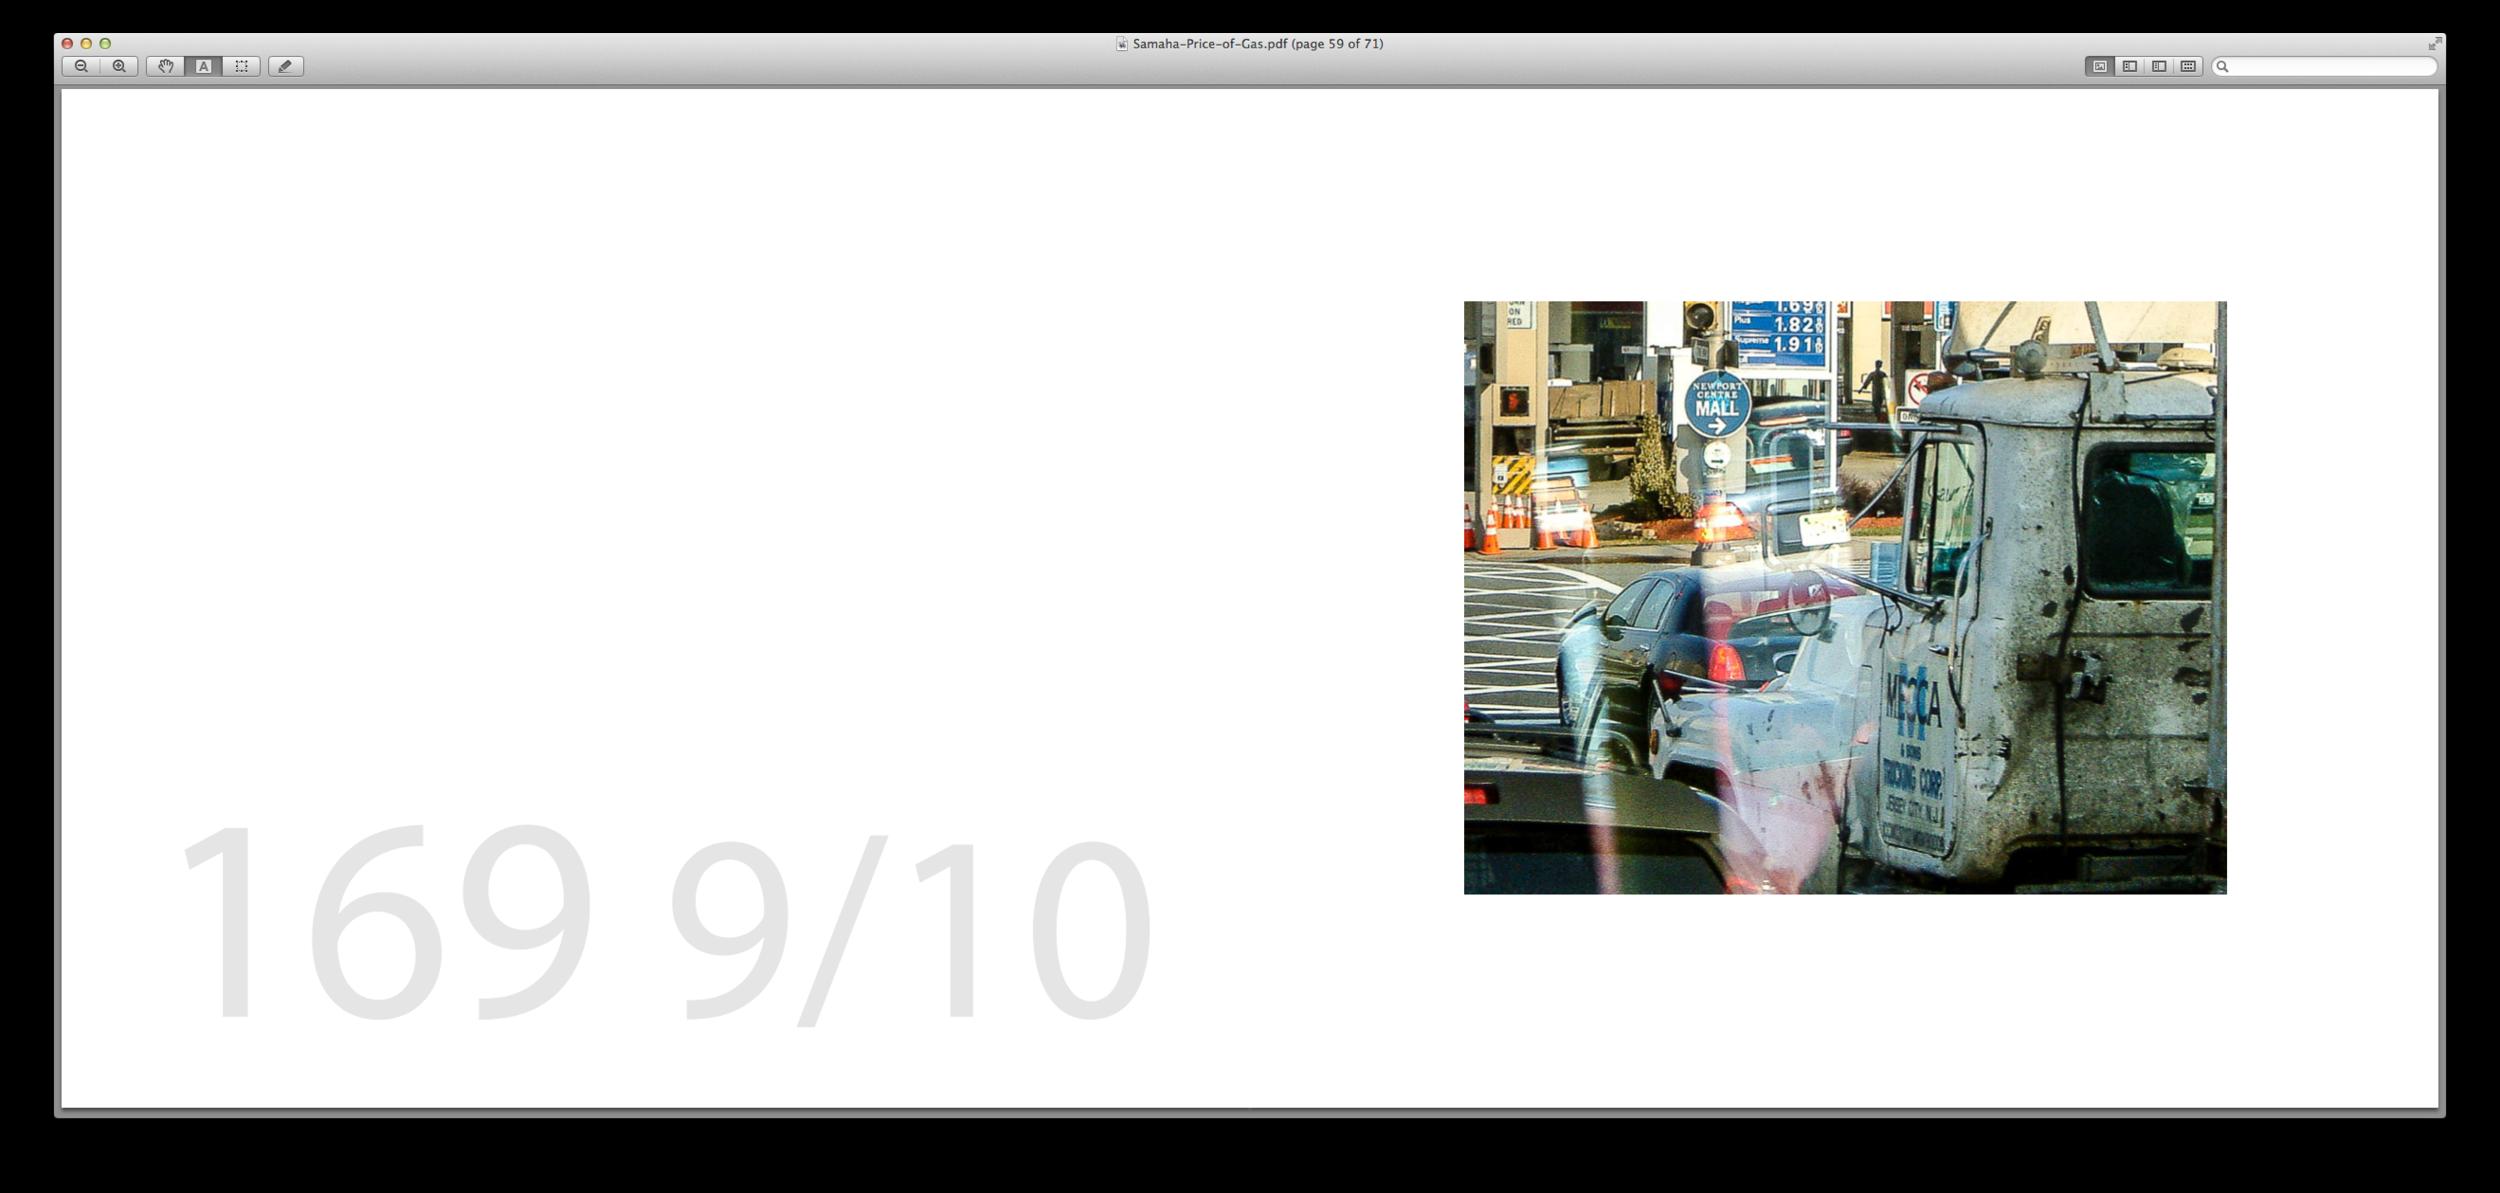 Screen Shot 2013-11-20 at 11.14.12 PM.png